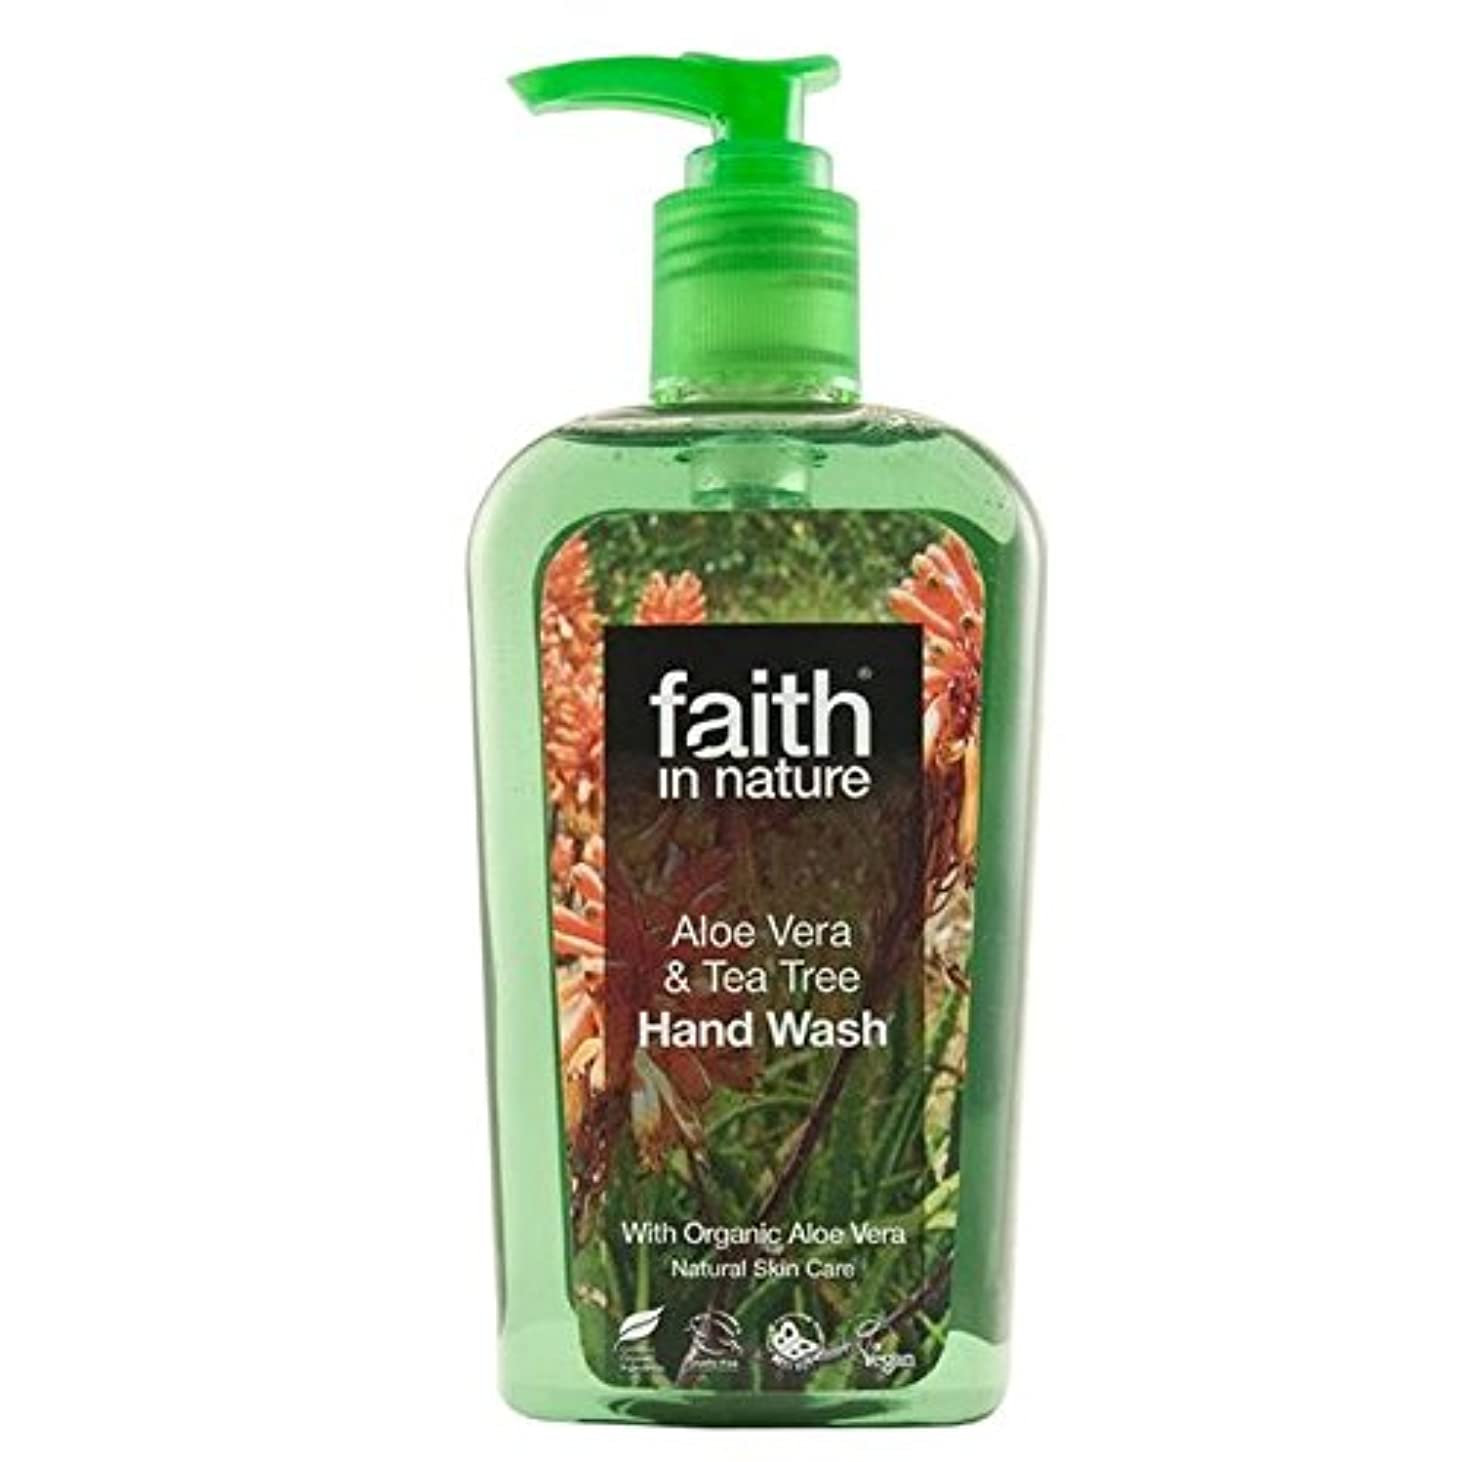 薄暗いメガロポリスお茶Faith in Nature Aloe Vera & Tea Tree Handwash 300ml (Pack of 4) - (Faith In Nature) 自然のアロエベラ&ティーツリー手洗いの300ミリリットル...